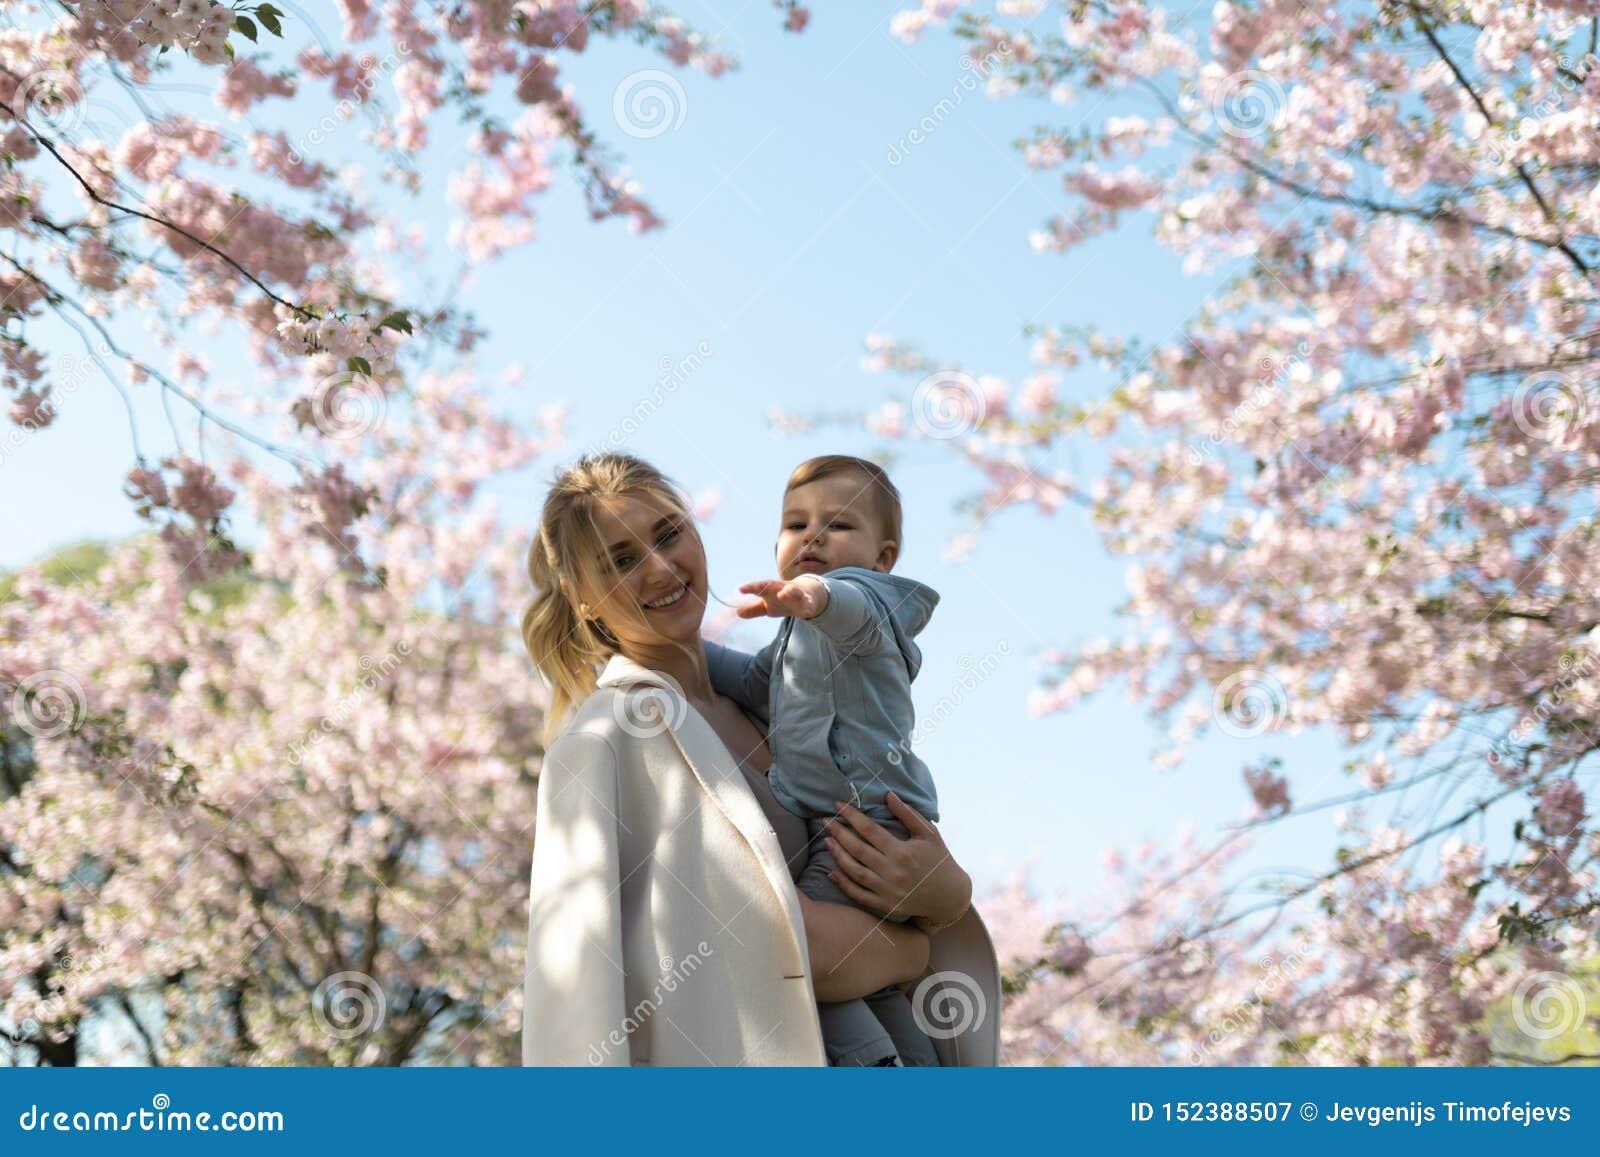 抱她的小小儿子男孩孩子的年轻母亲妈妈在与落的桃红色瓣的开花的佐仓樱桃树下和